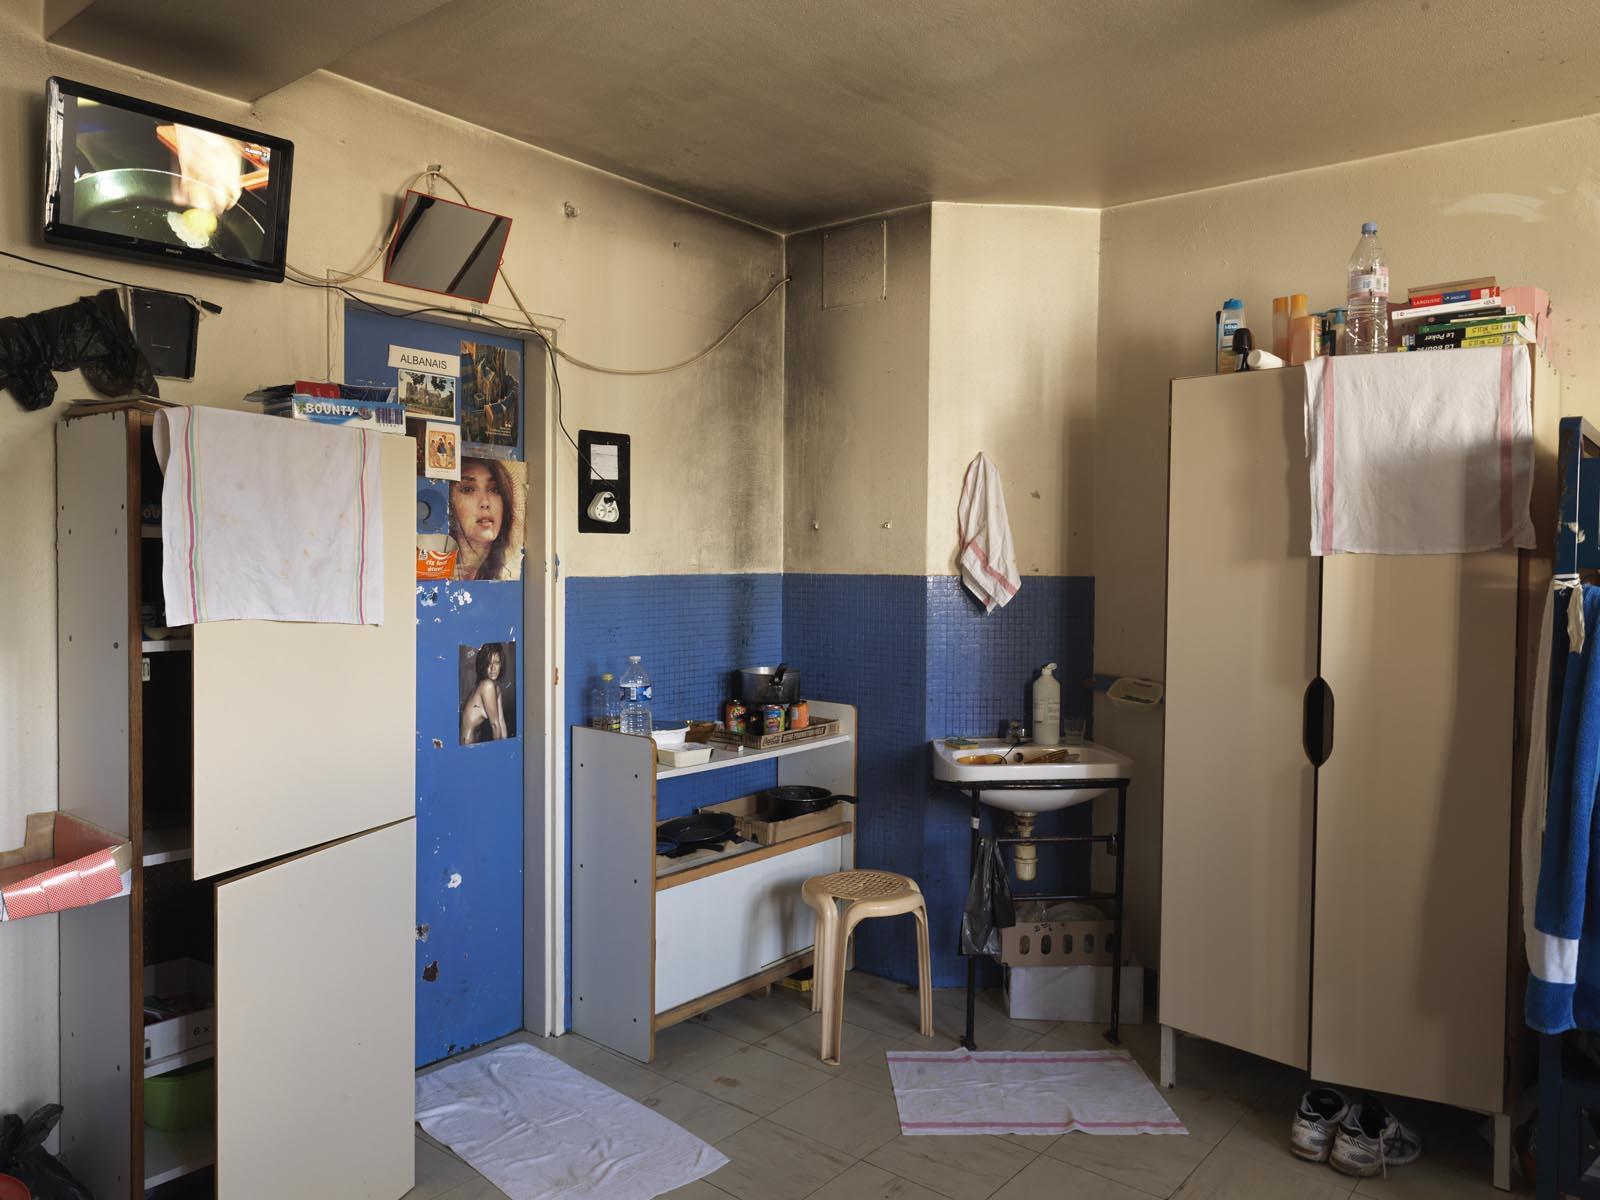 Maison En Bois Pour 100000 photos of prisons around the world - vice